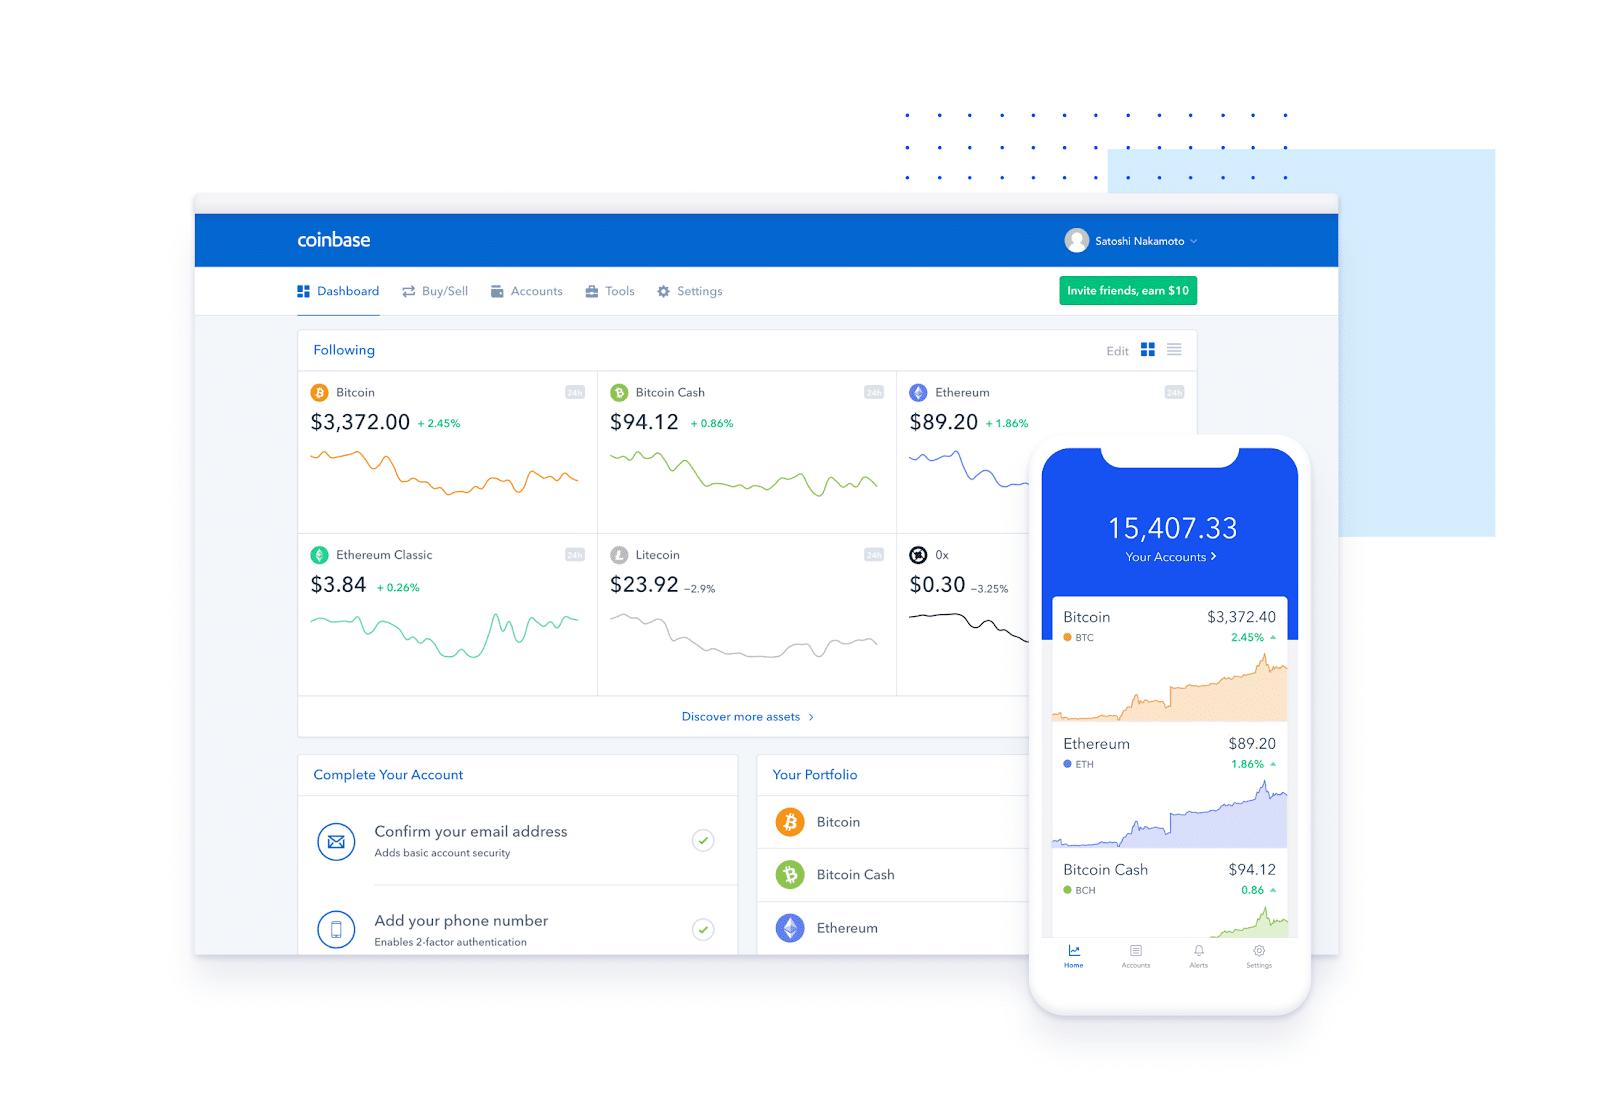 Coinbase mobile interface